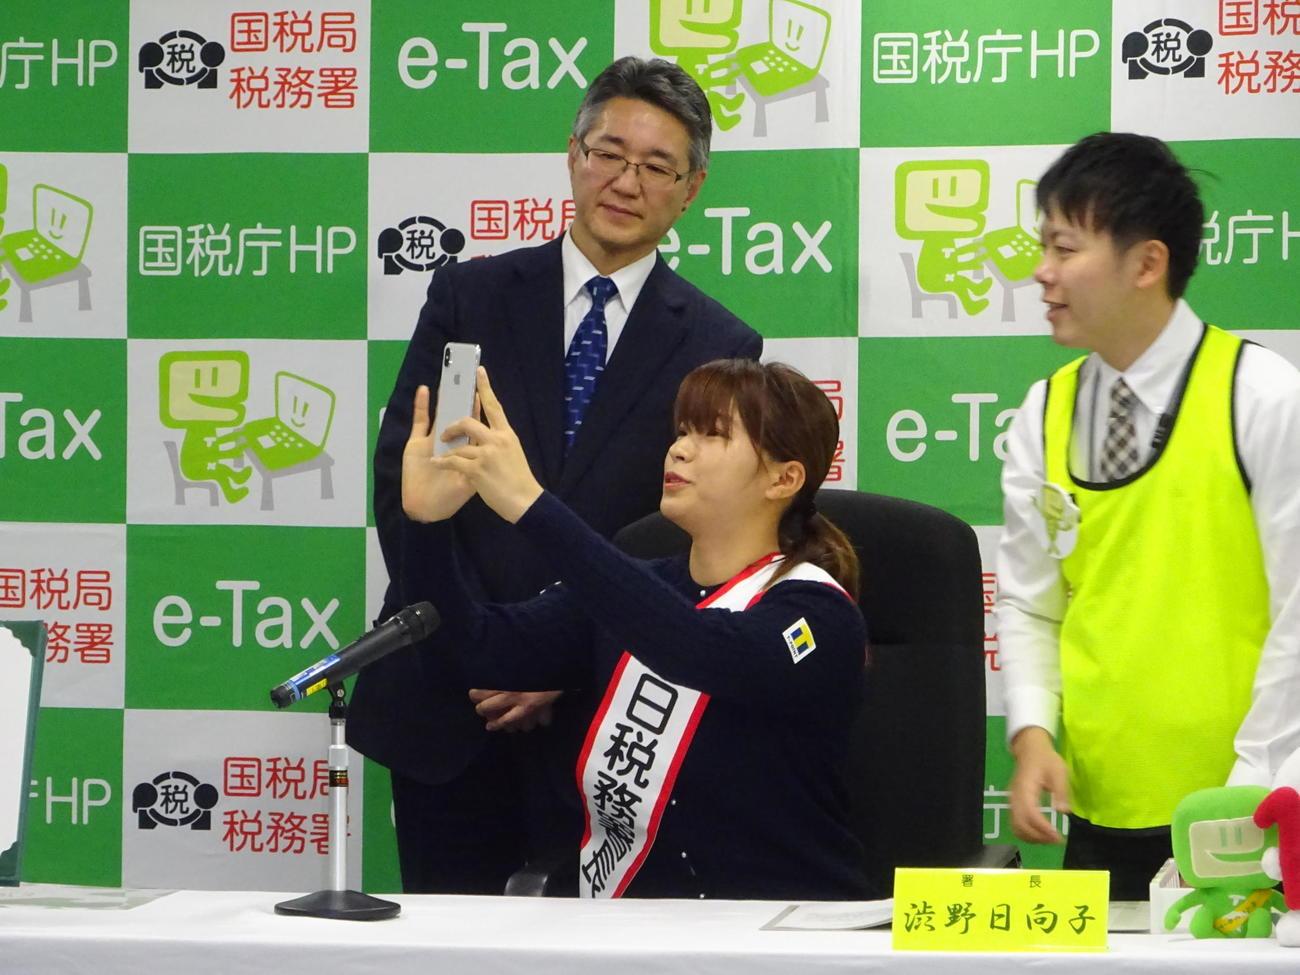 故郷の岡山で一日税務署長を務めた渋野日向子。スマホを使った模擬申告に挑戦する(撮影・加藤裕一)